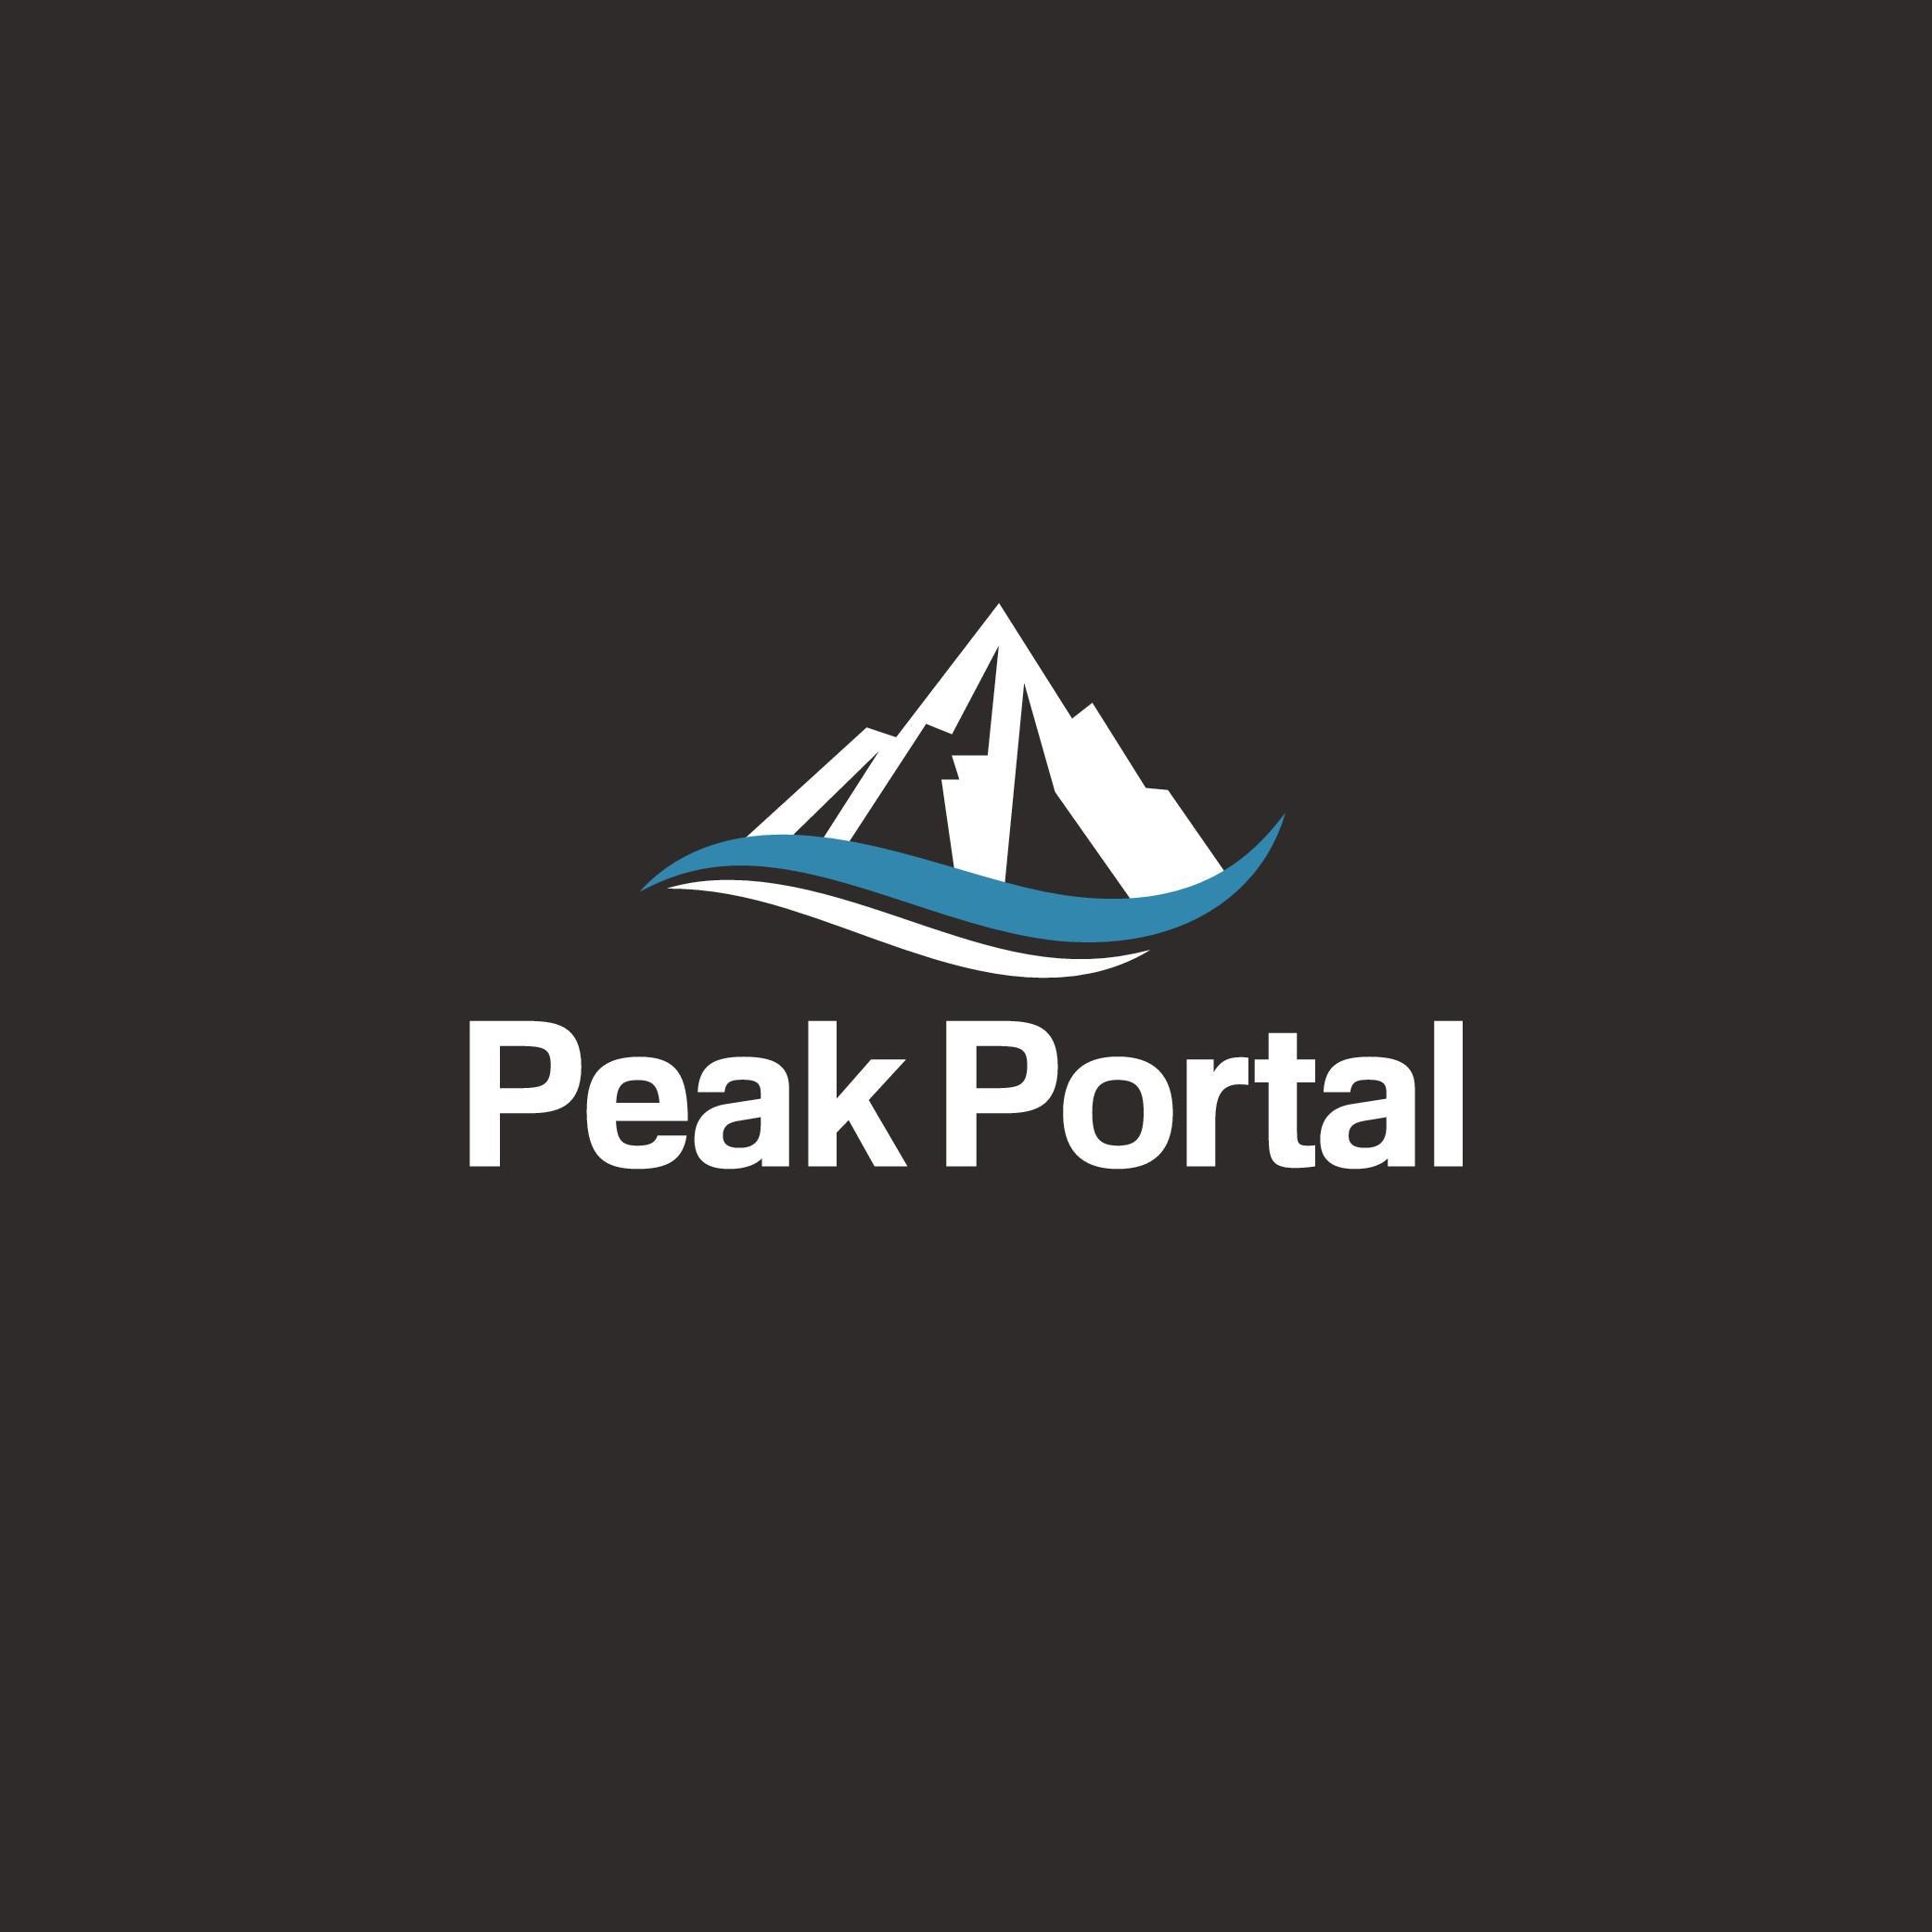 Logo Design - 3 concepts